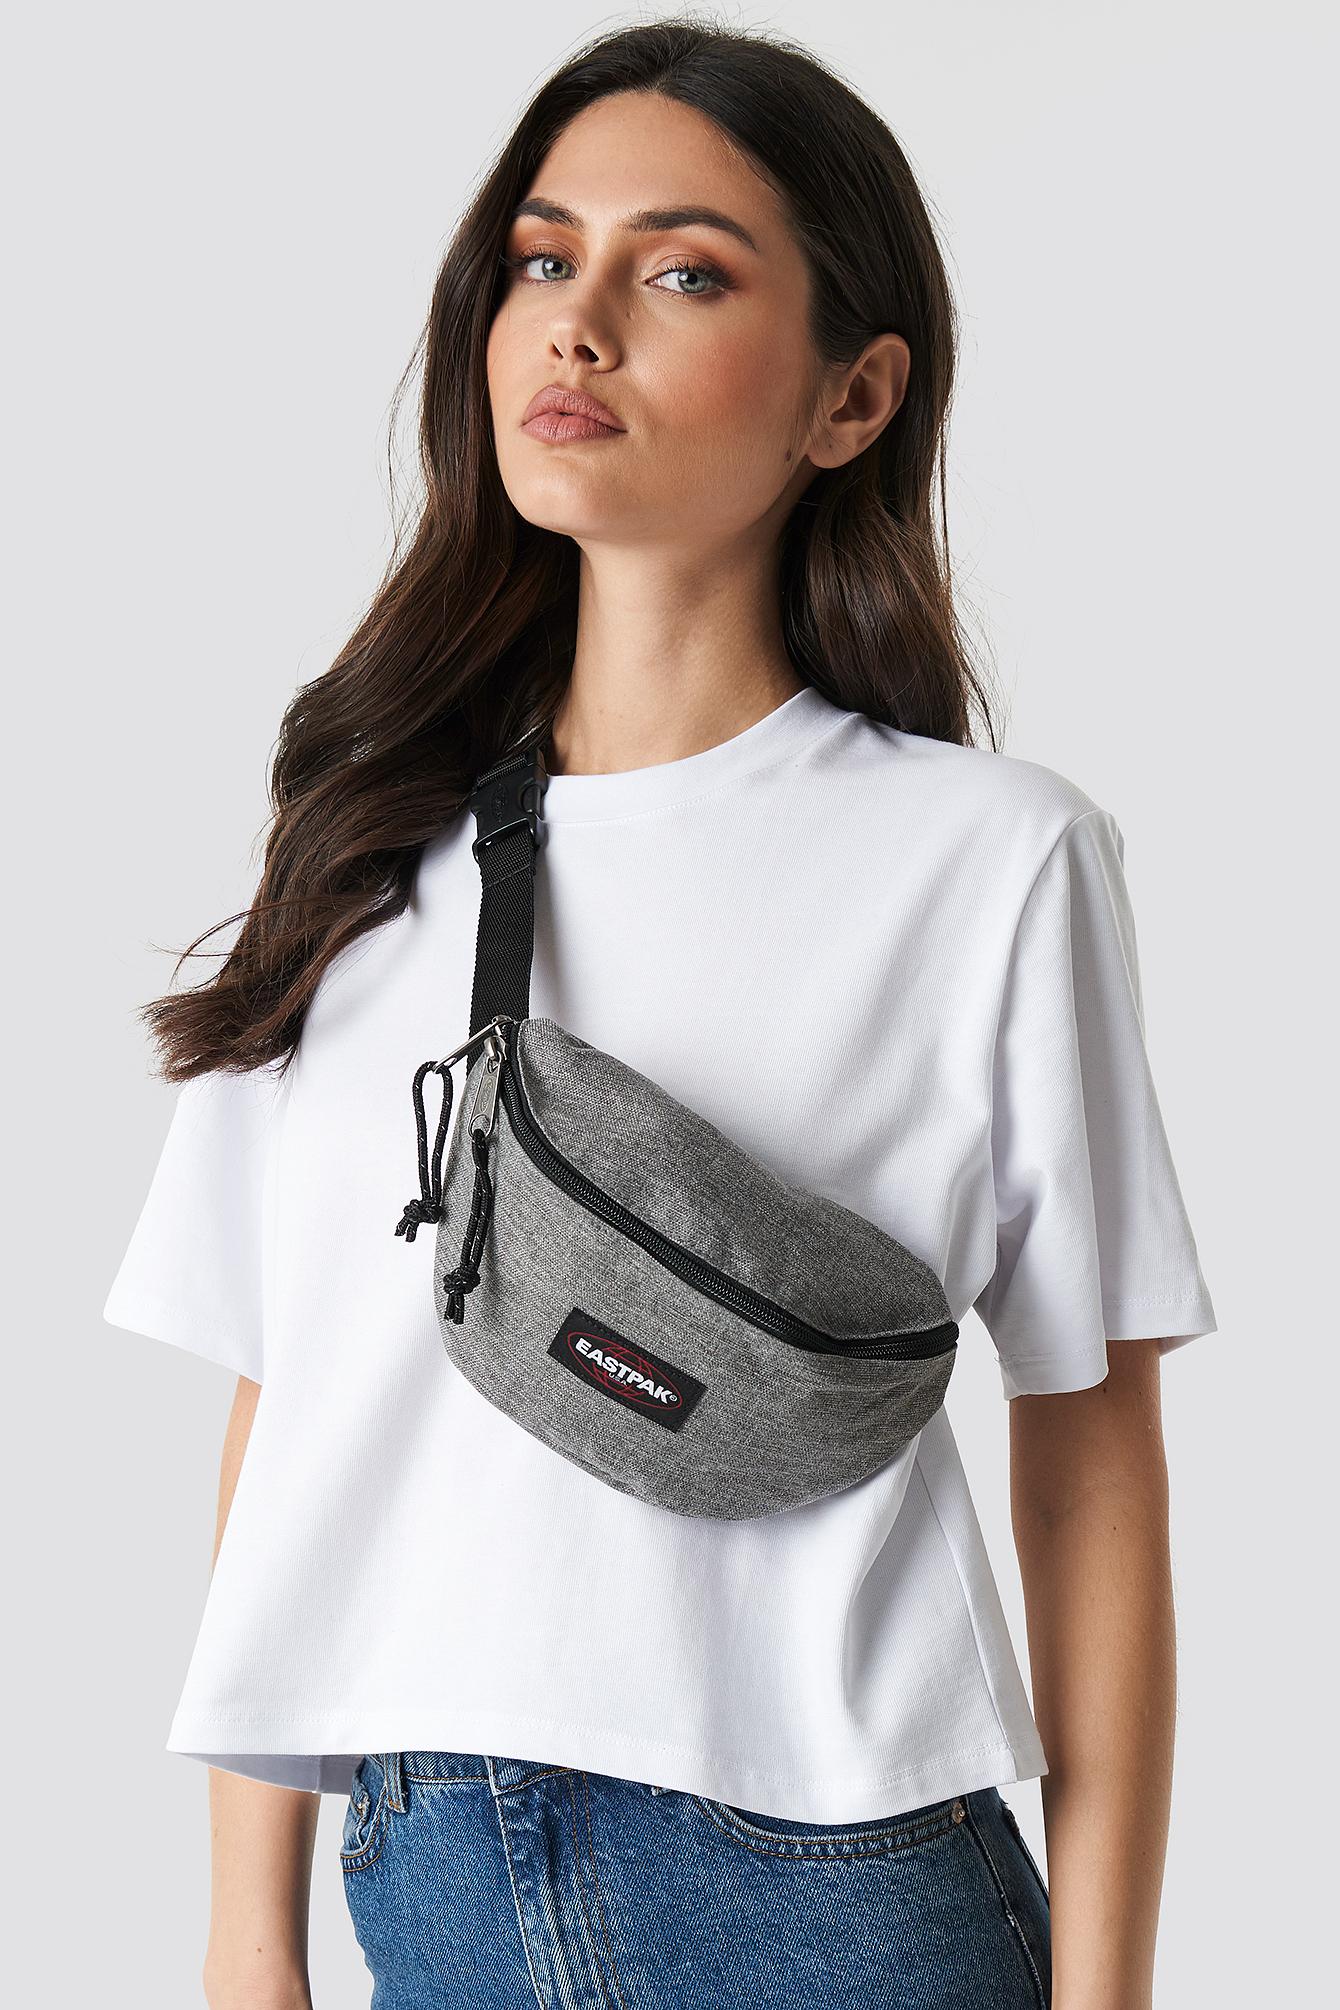 eastpak -  Springer Bag - Grey